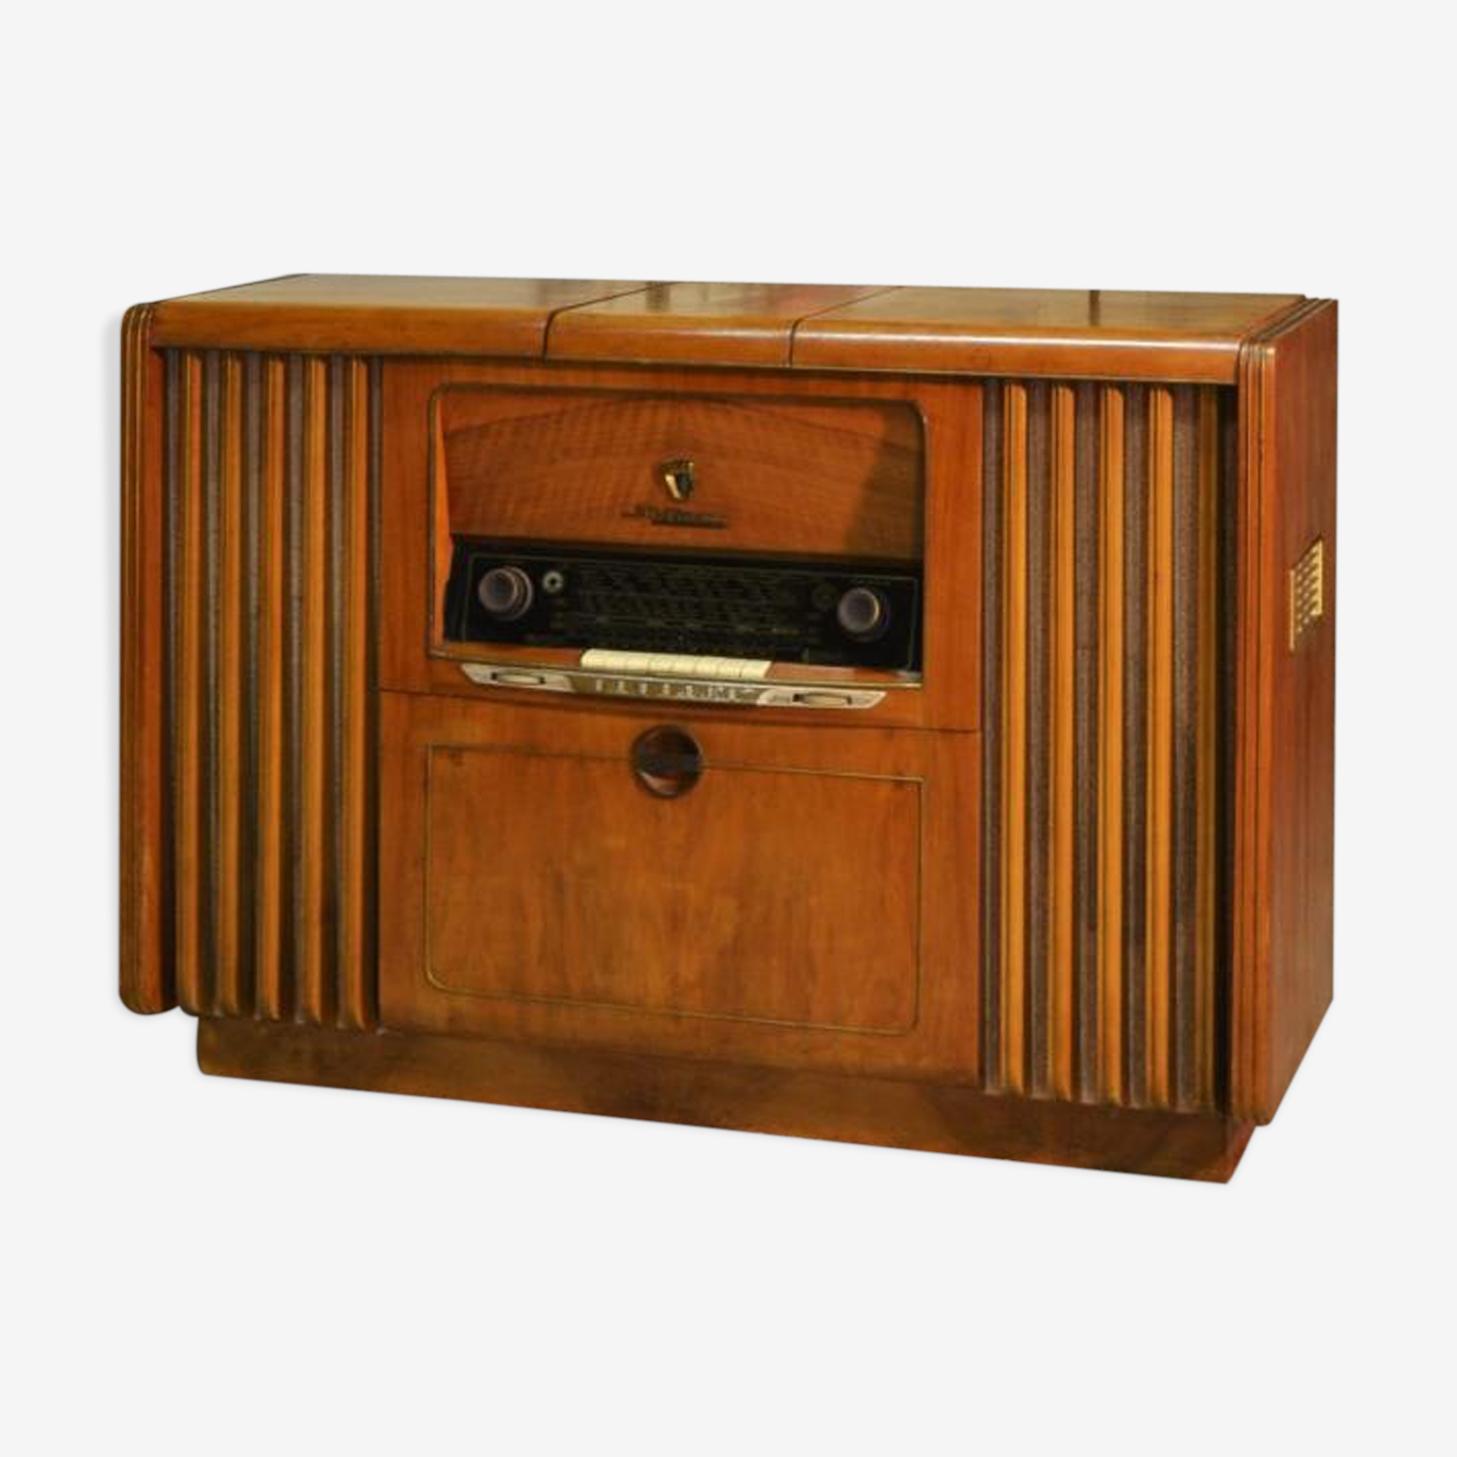 """Radio """"grundig-konzertschrank 8055 W3d"""""""